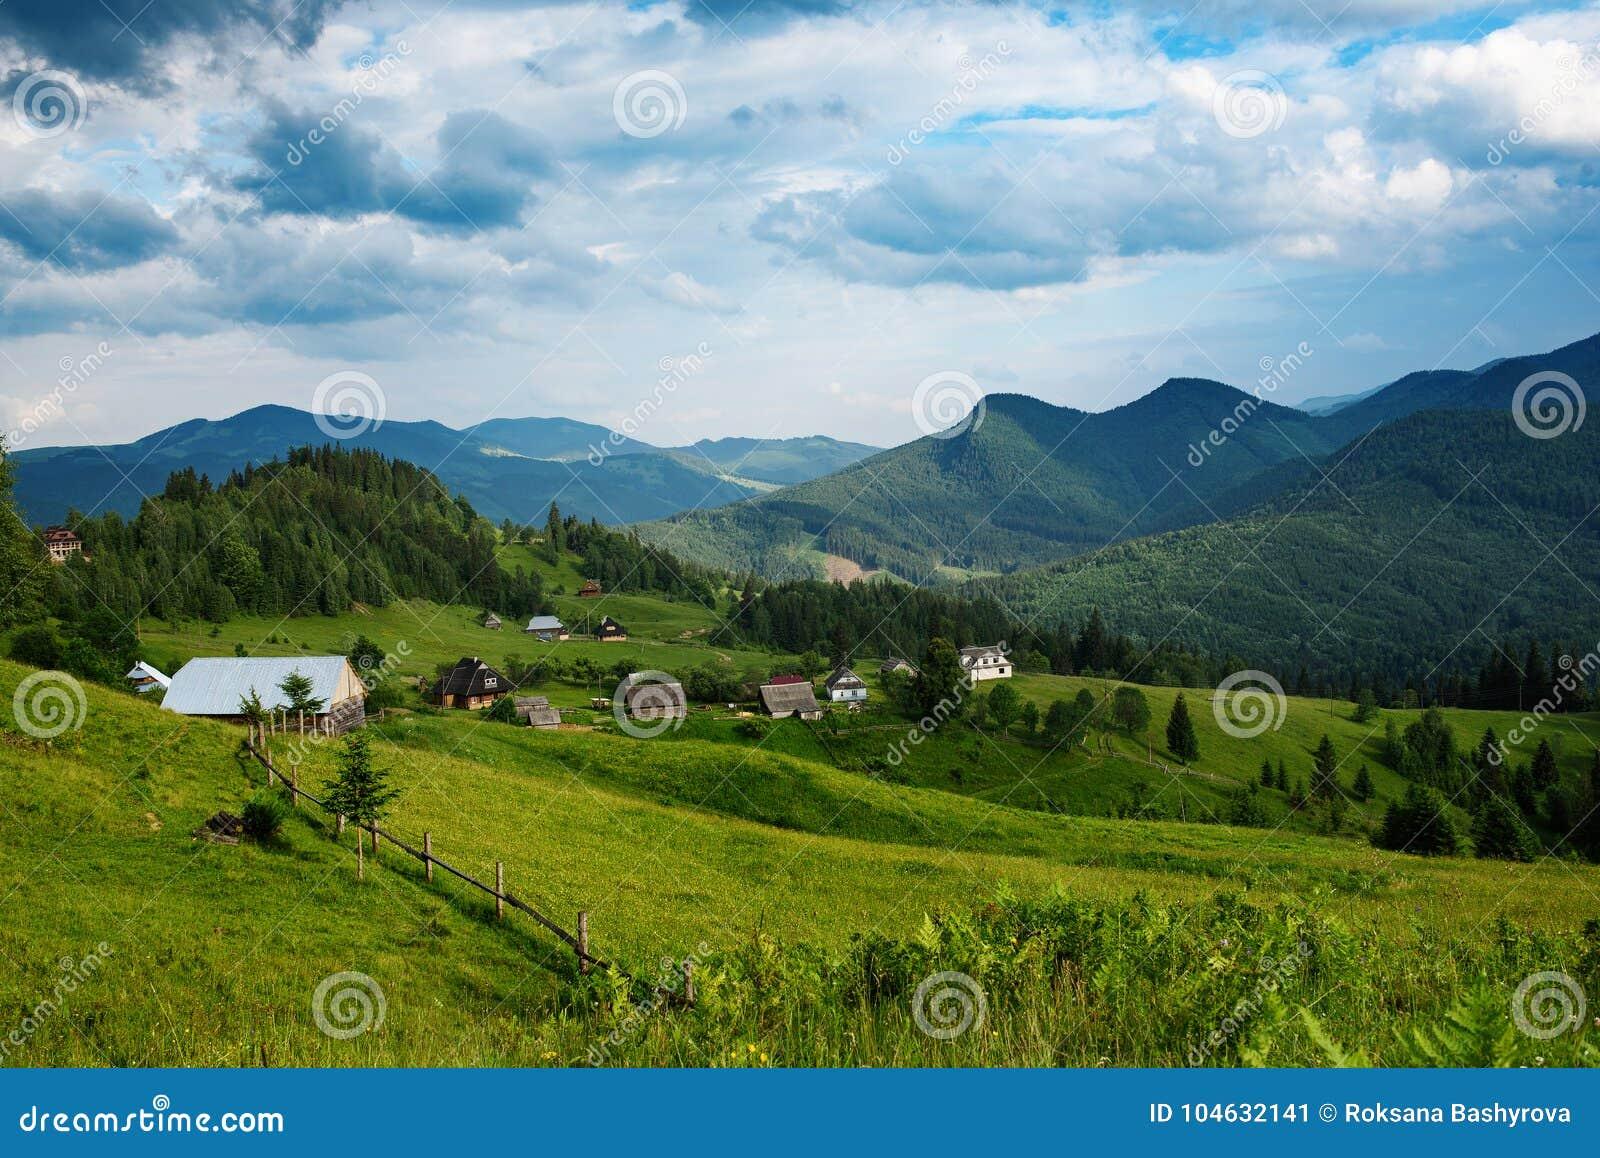 Download Karpatisch berglandschap stock afbeelding. Afbeelding bestaande uit vers - 104632141